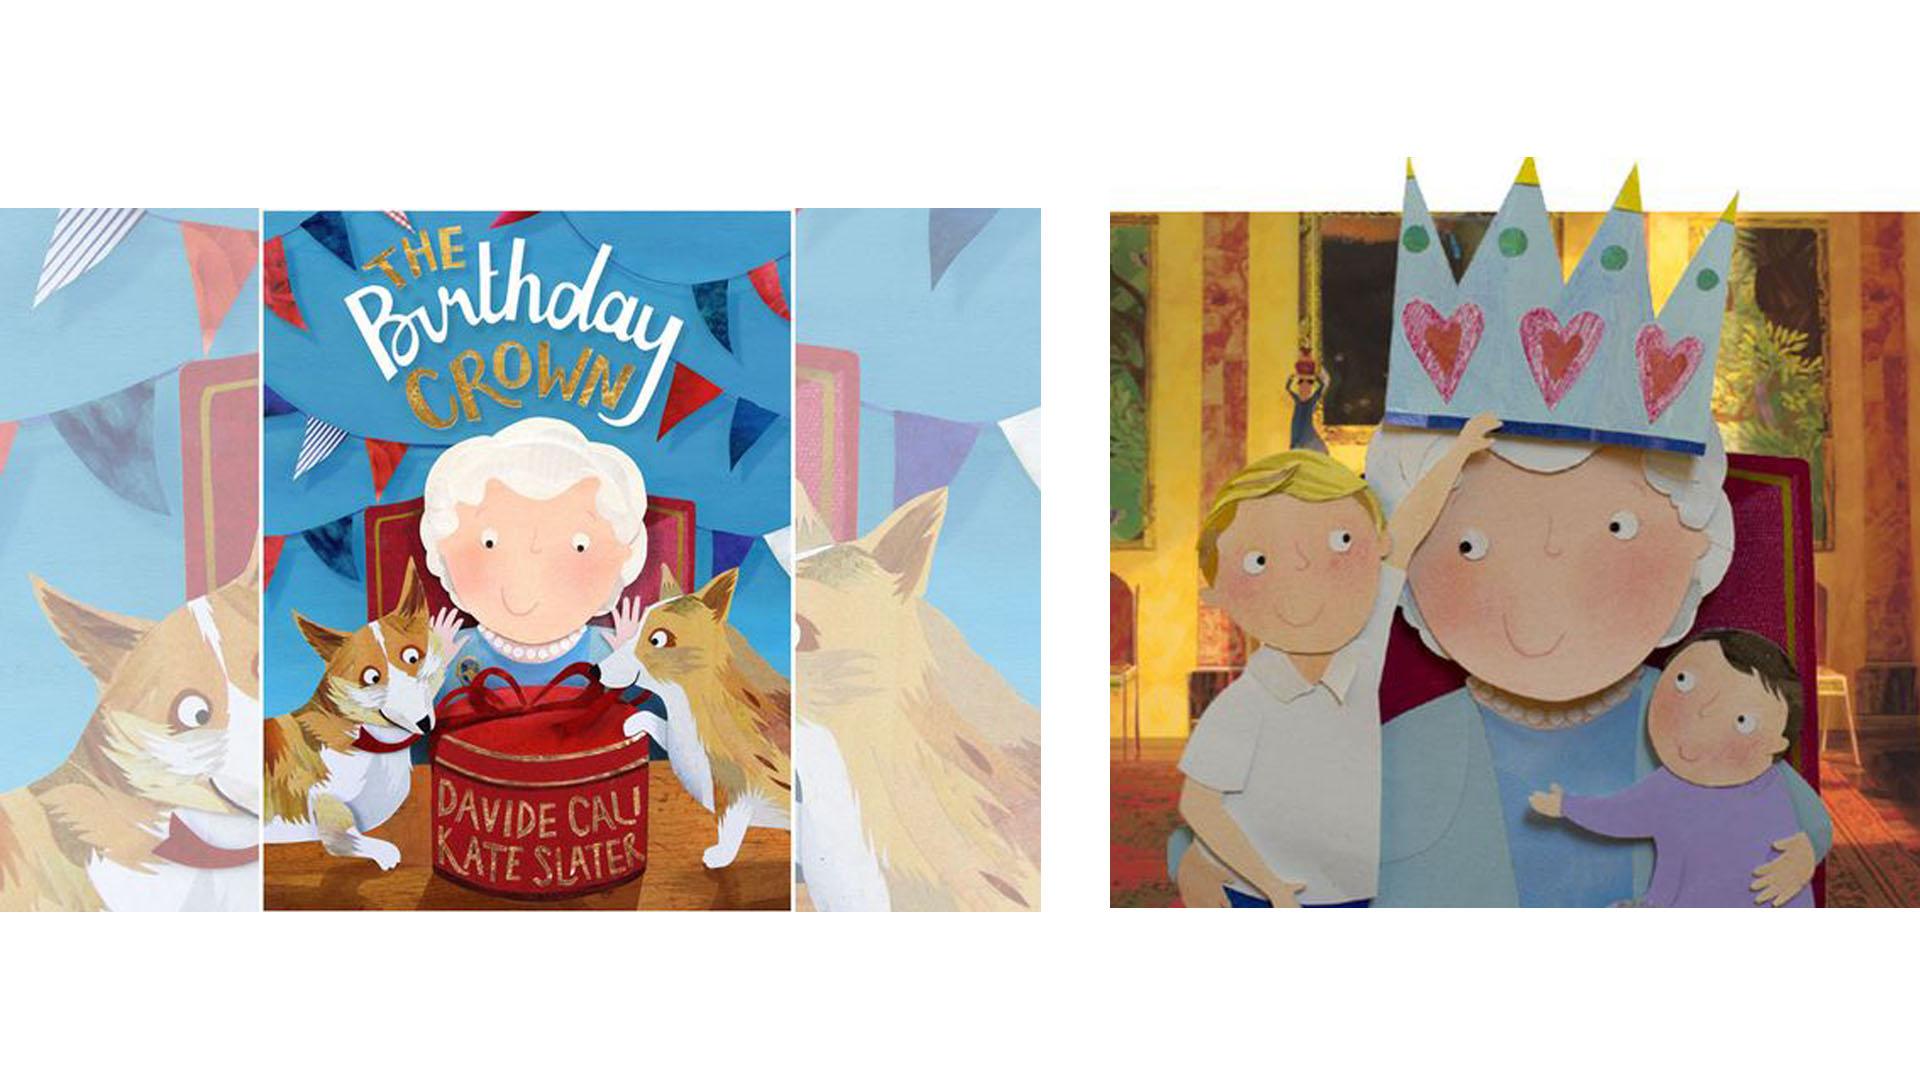 En el marco de su cumpleaños 90, el próximo 21 de abril, la monarca es la protagonista de un libro infantil